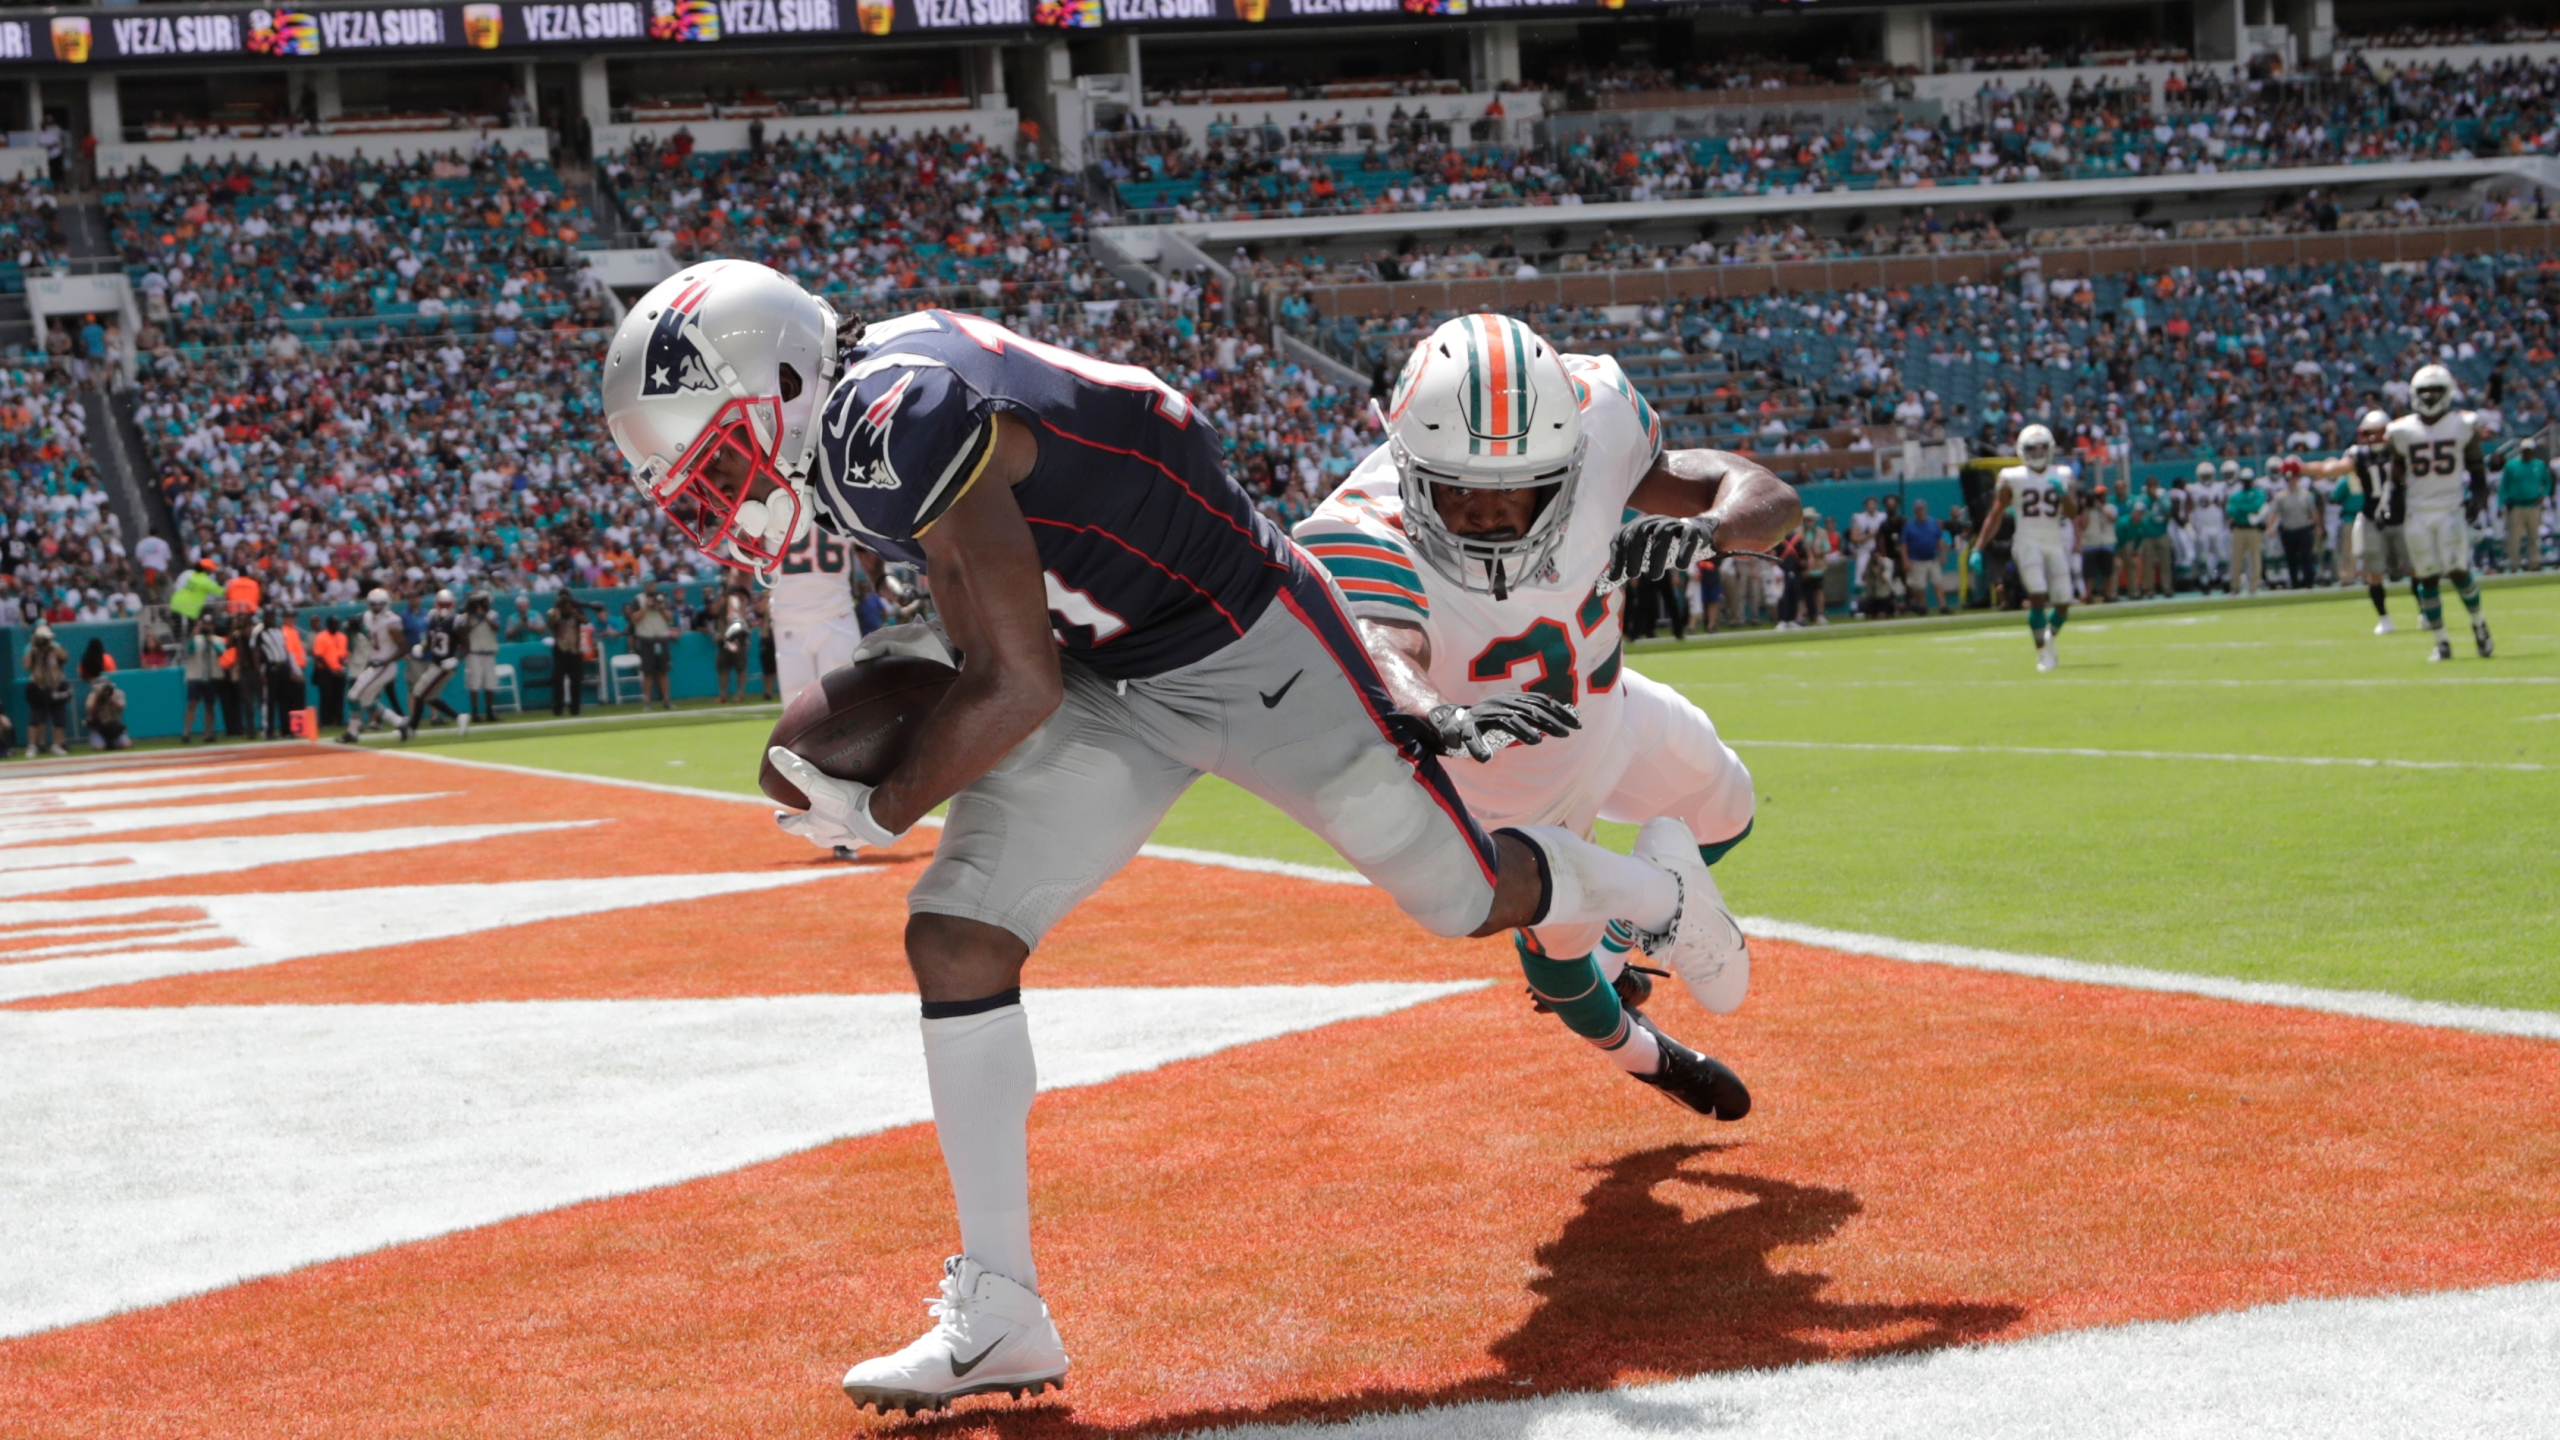 reputable site e5d49 ecfb0 Patriots 'squish' Dolphins 43-0 | WPRI.com